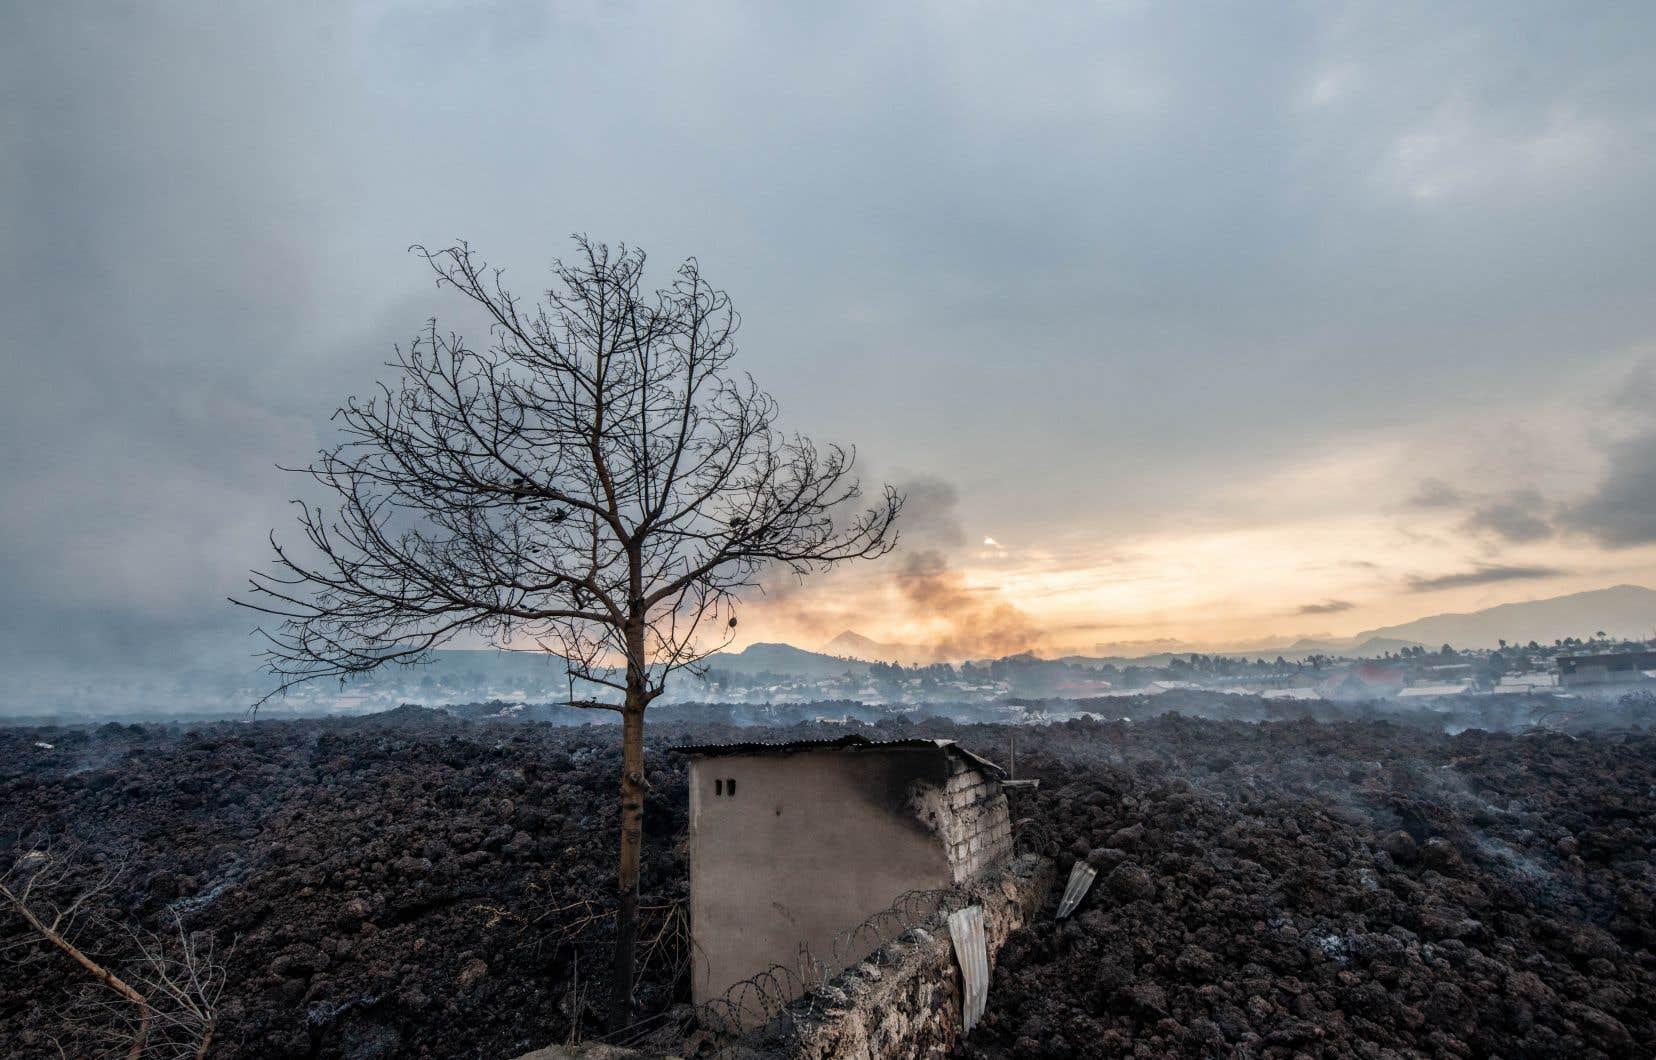 Le bilan humain de l'éruption soudaine de samedi soir s'élève à 32 morts, selon les autorités locales, tandis qu'une première évaluation des organisations humanitaires internationales fait état de 900 à 2500 habitations détruites par les coulées.